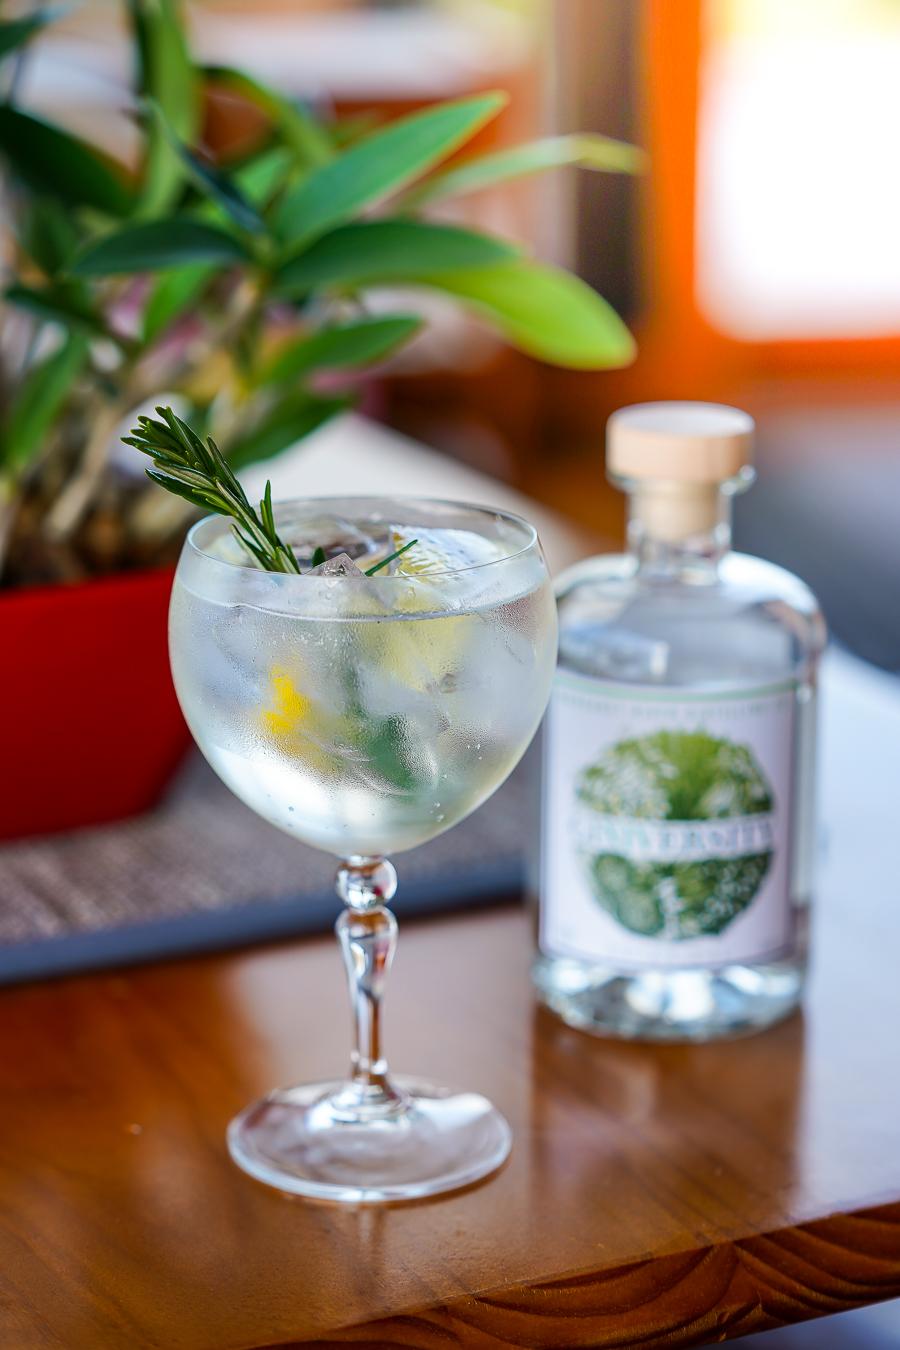 Giniversity Botanical Gin, Fever-Tree Mediterranean Tonic, rosmarin og citronskal. Photo by Michael Sperling.